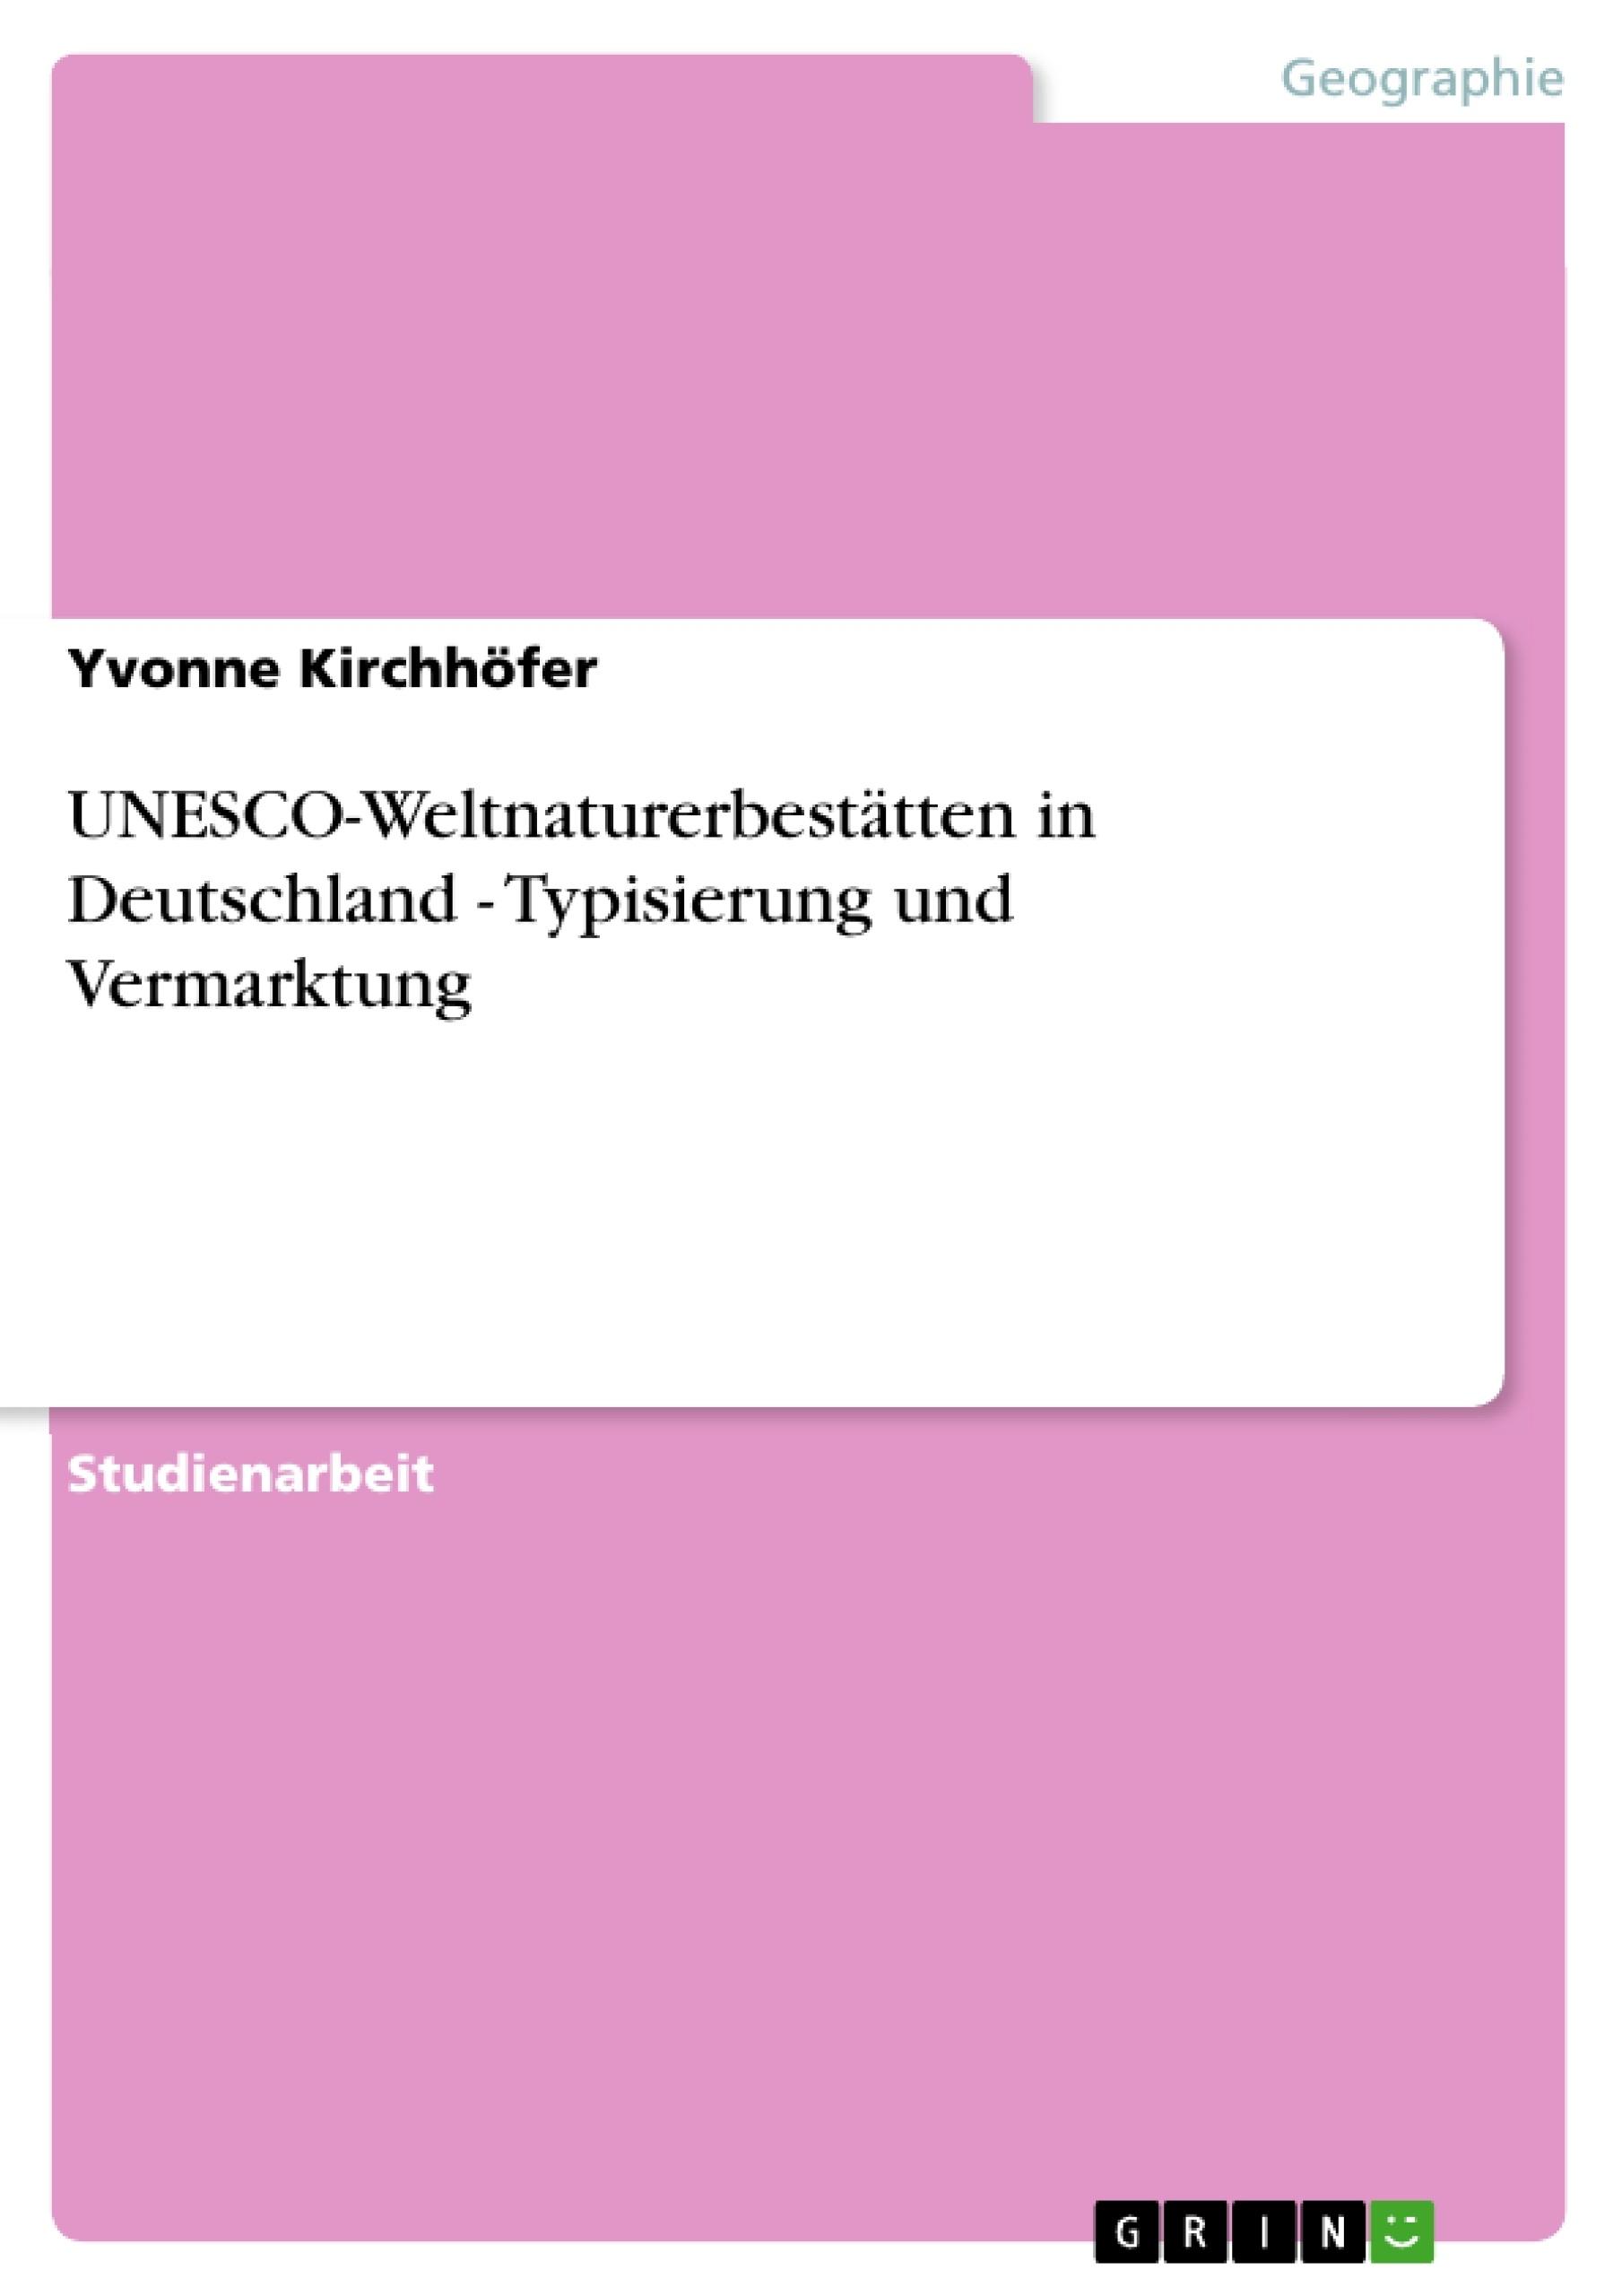 Titel: UNESCO-Weltnaturerbestätten in Deutschland - Typisierung und Vermarktung